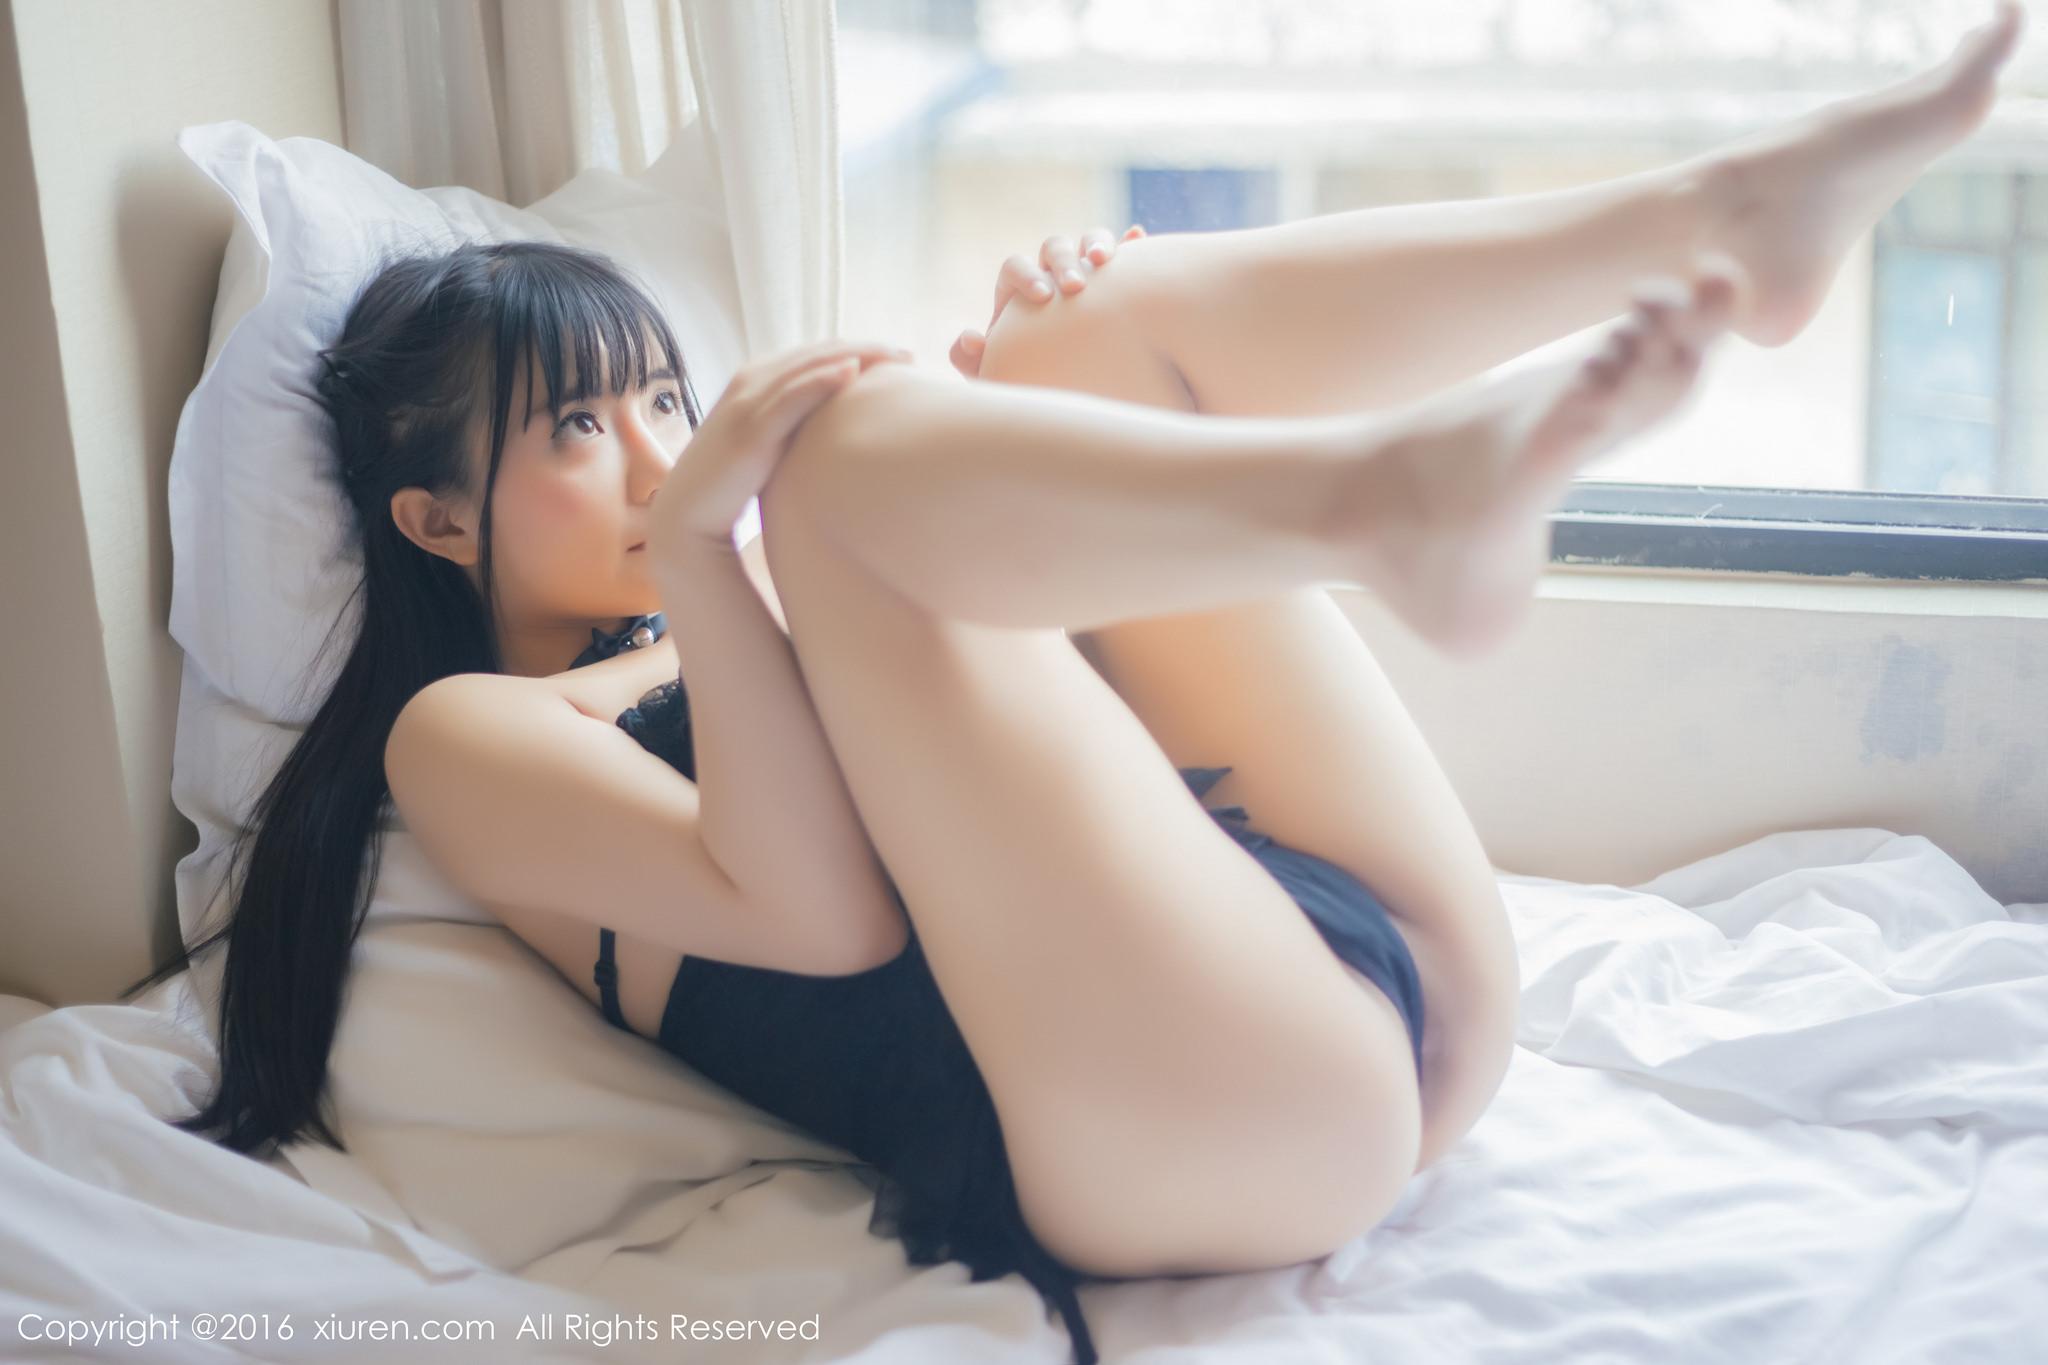 xiuren.com pussy XiuRen No.601 - Nudegirls4u